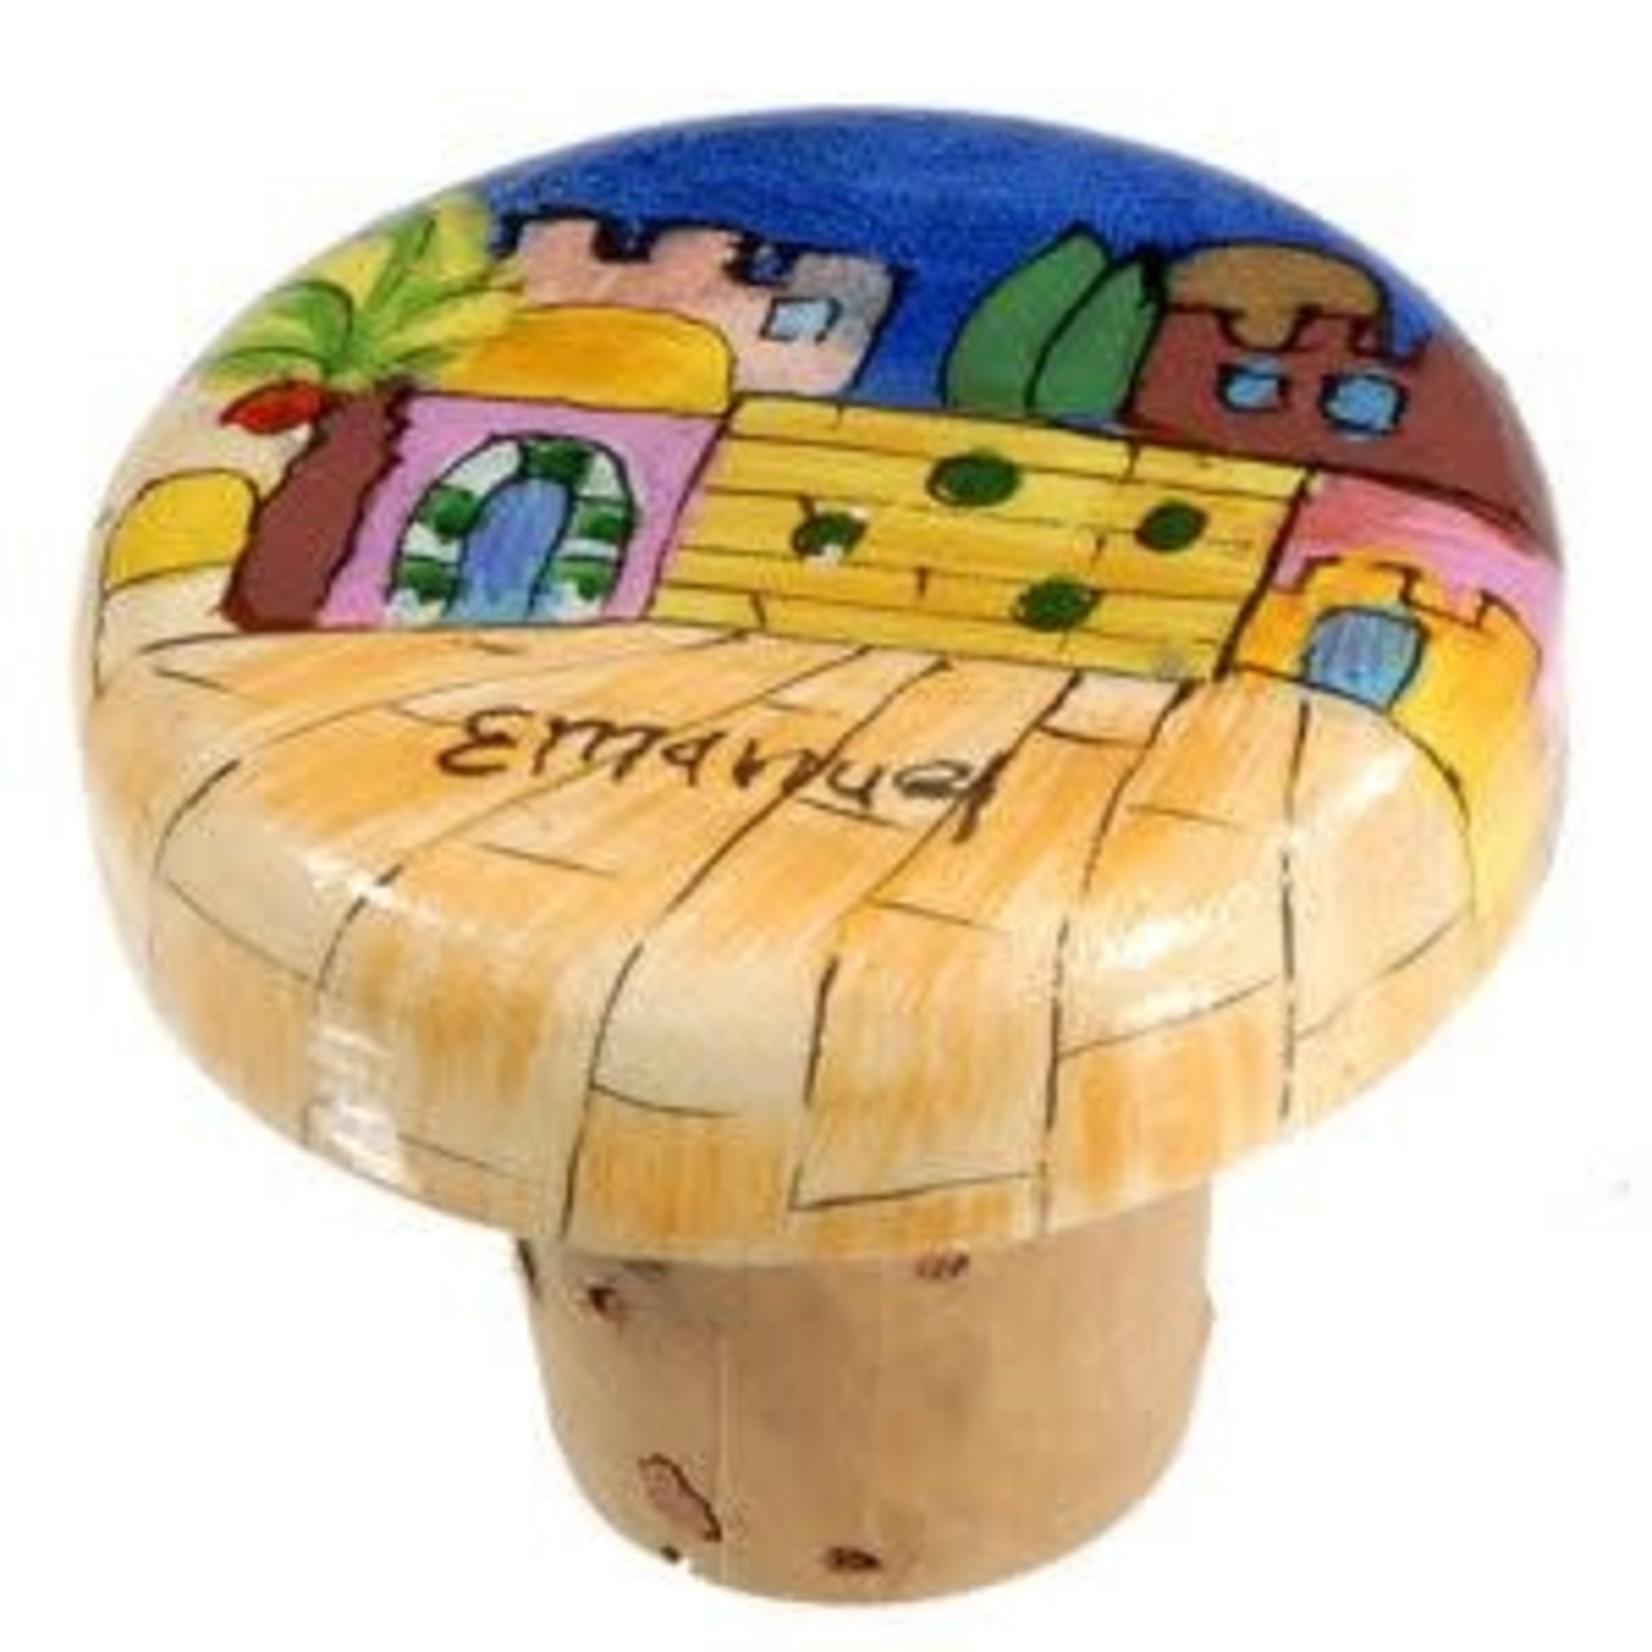 Yair Emanuel Wine Bottle Cork, Hand-Painted Wood